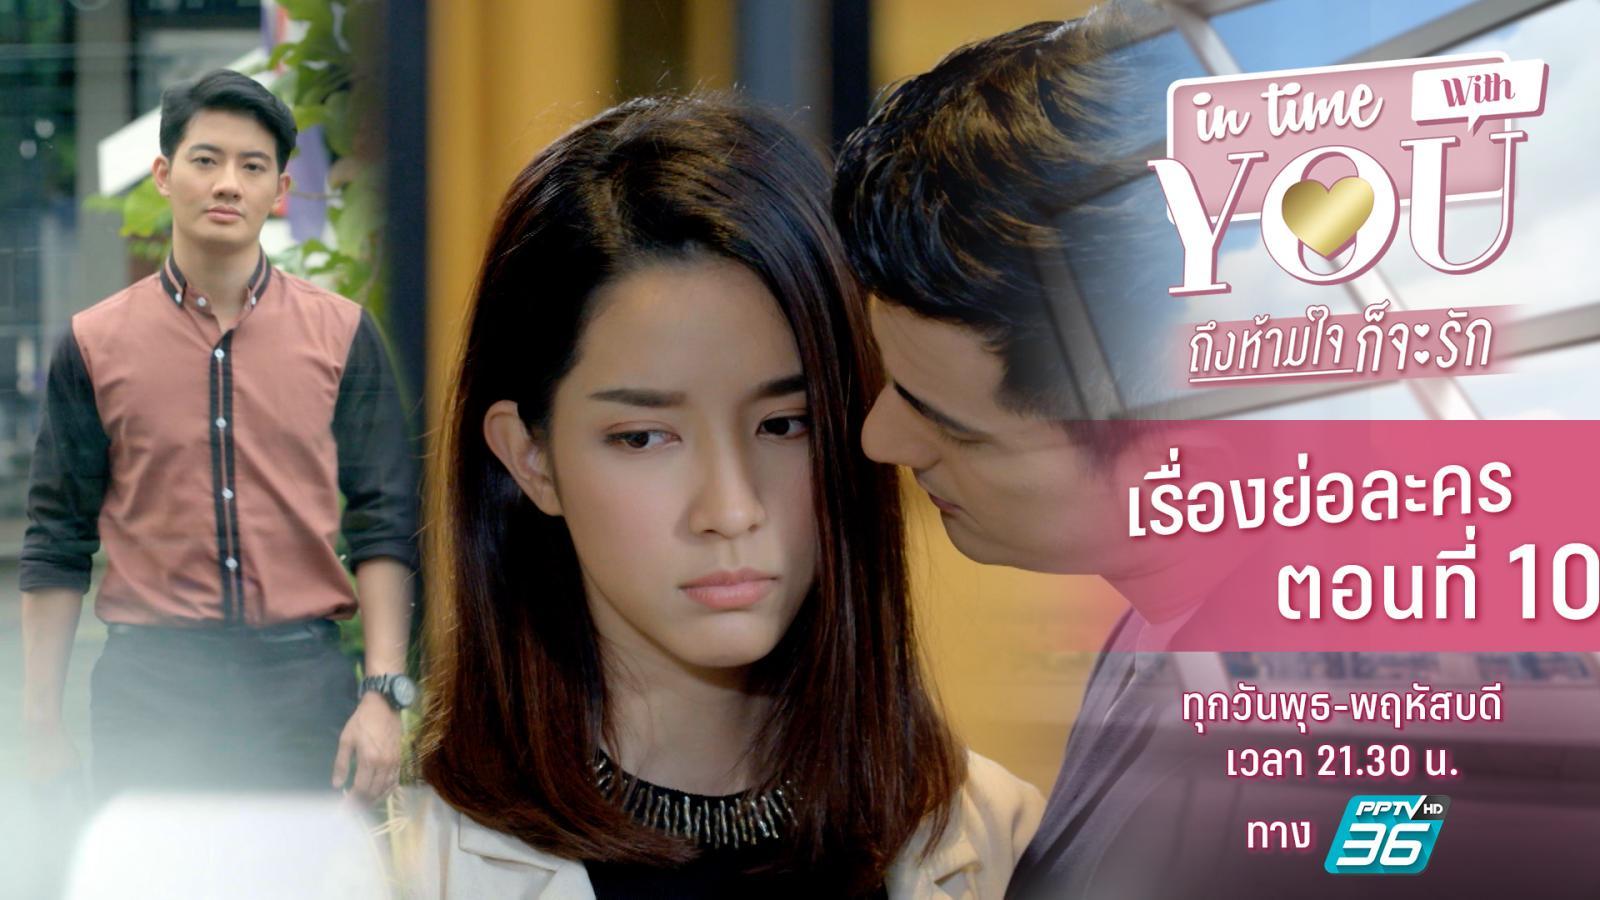 เรื่องย่อละคร IN TIME WITH YOU ถึงห้ามใจก็จะรัก ตอนที่ 10 | ออกอากาศ 22 เมษายน 2564